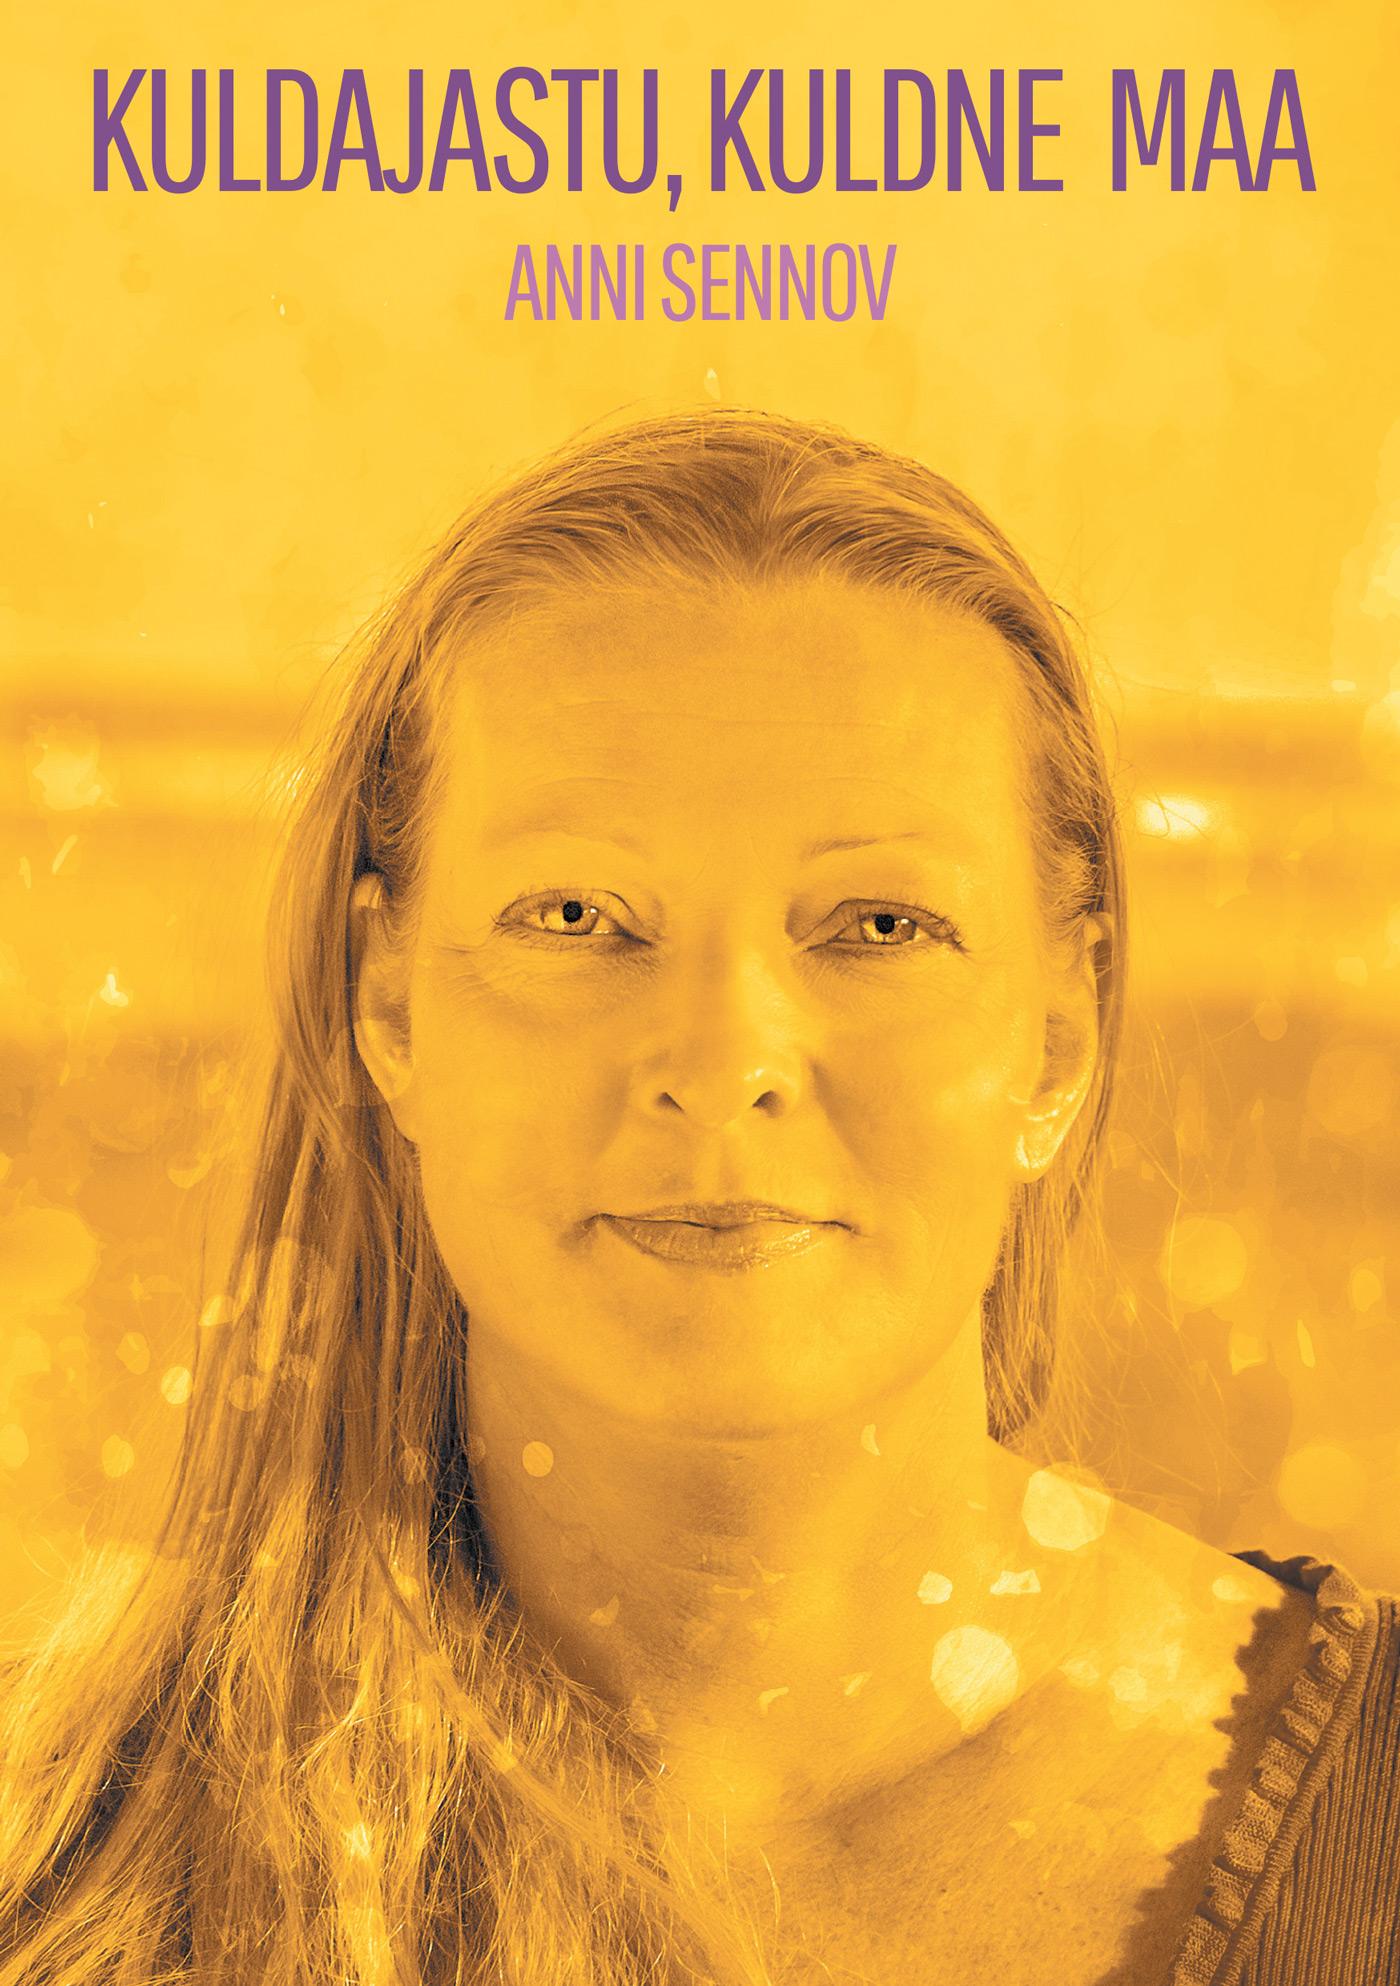 Anni Sennov Kuldajastu, kuldne Maa hille karm taevas ja maa